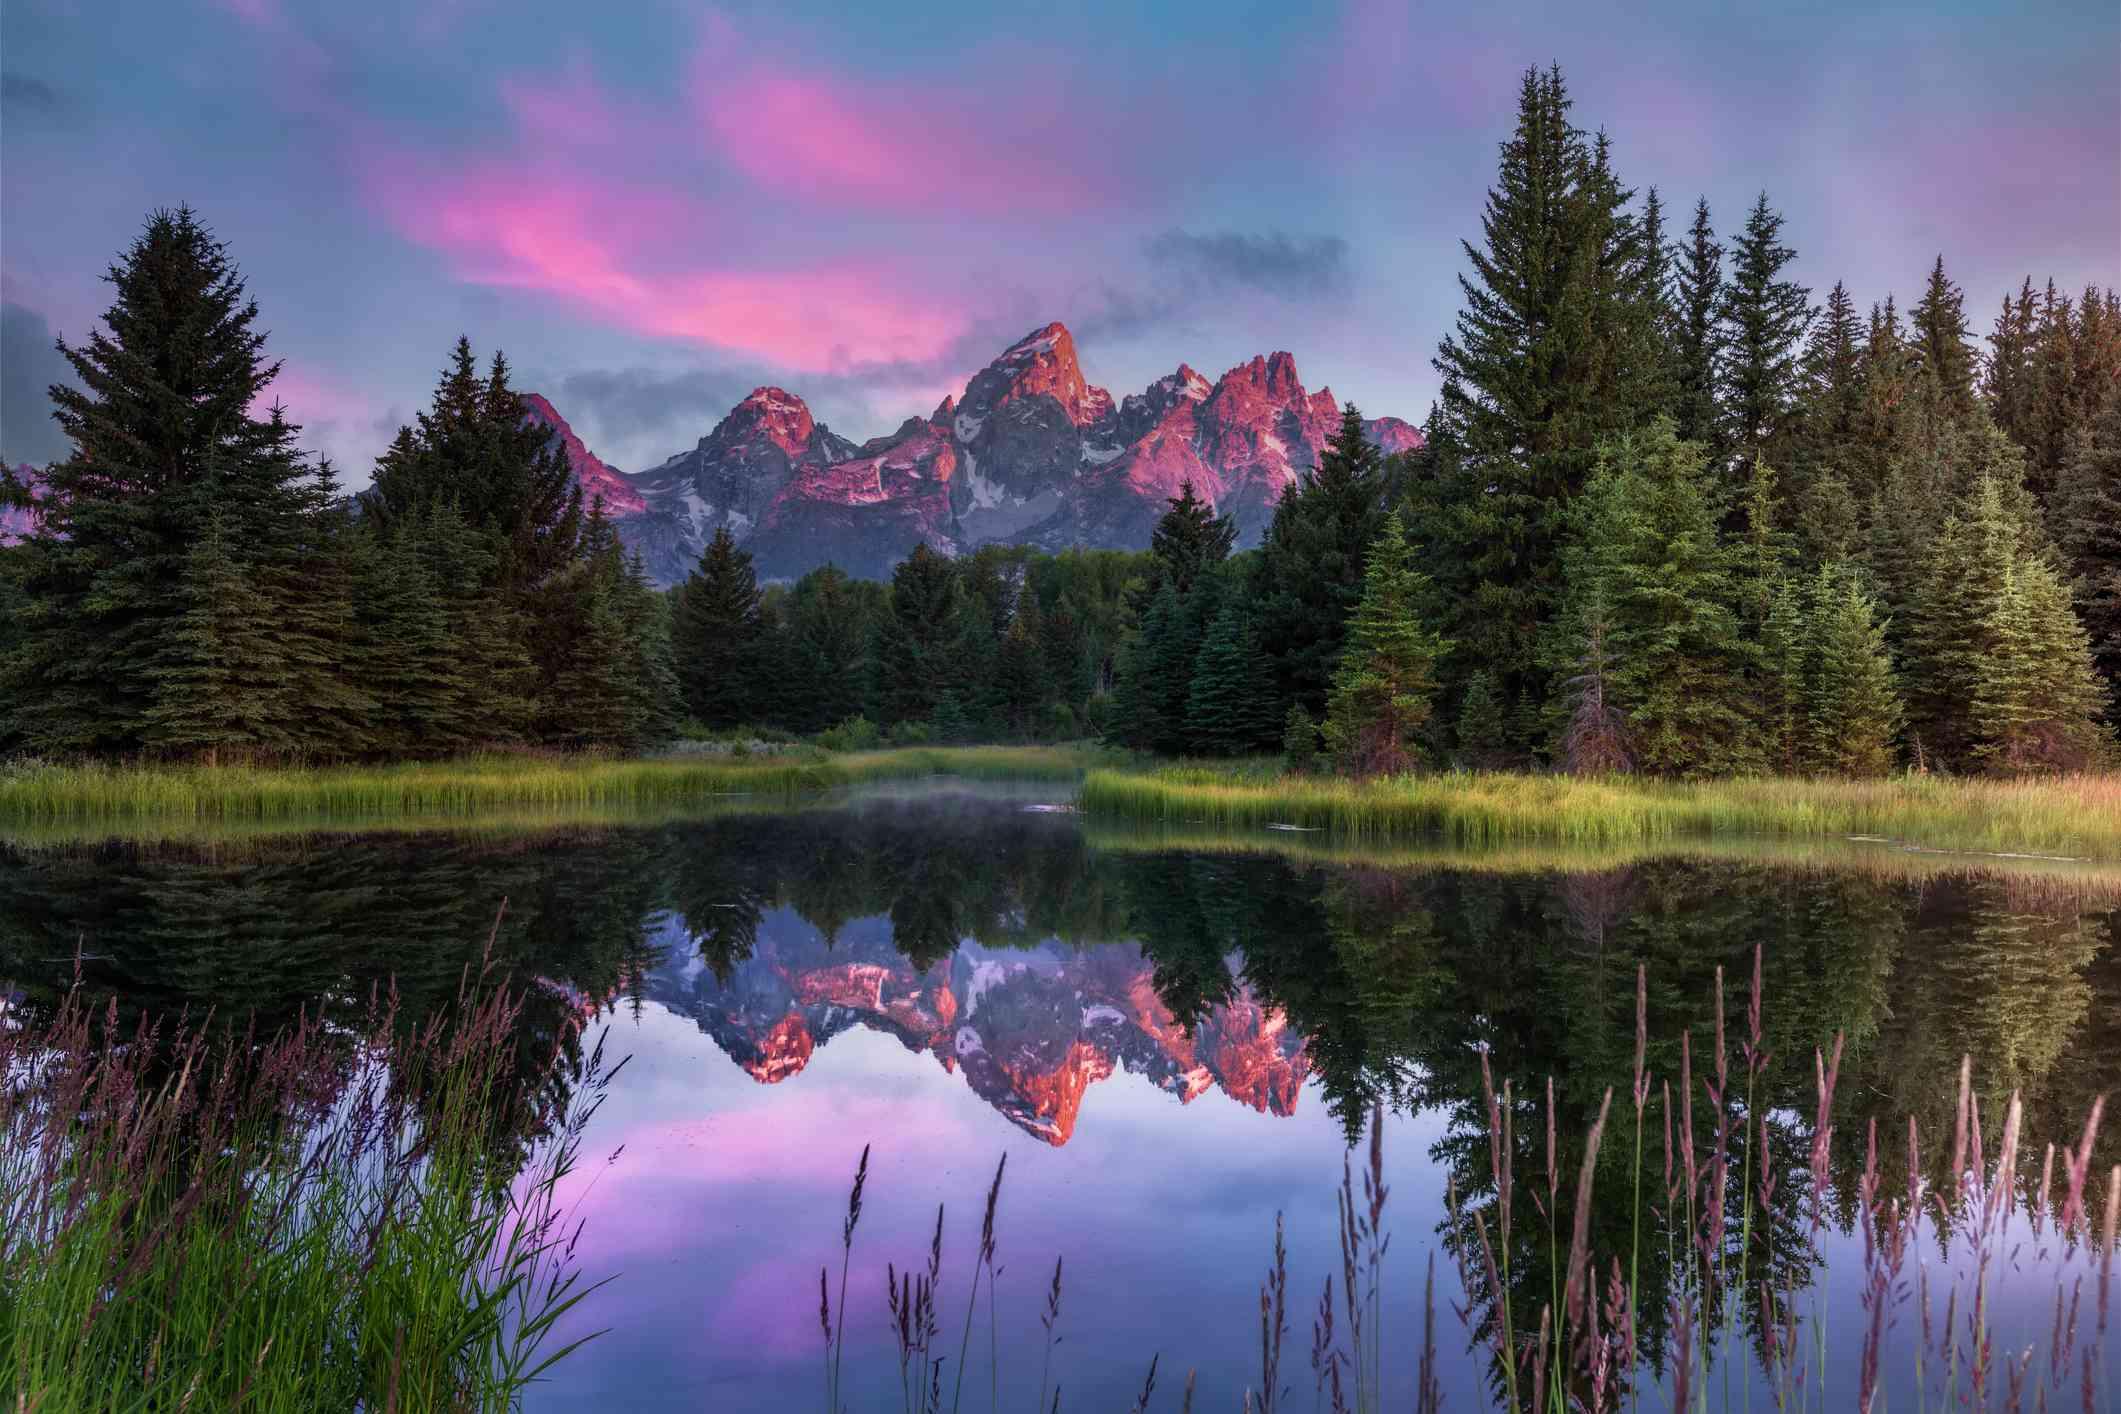 Sunrise over the Grand Teton Mountains and lake